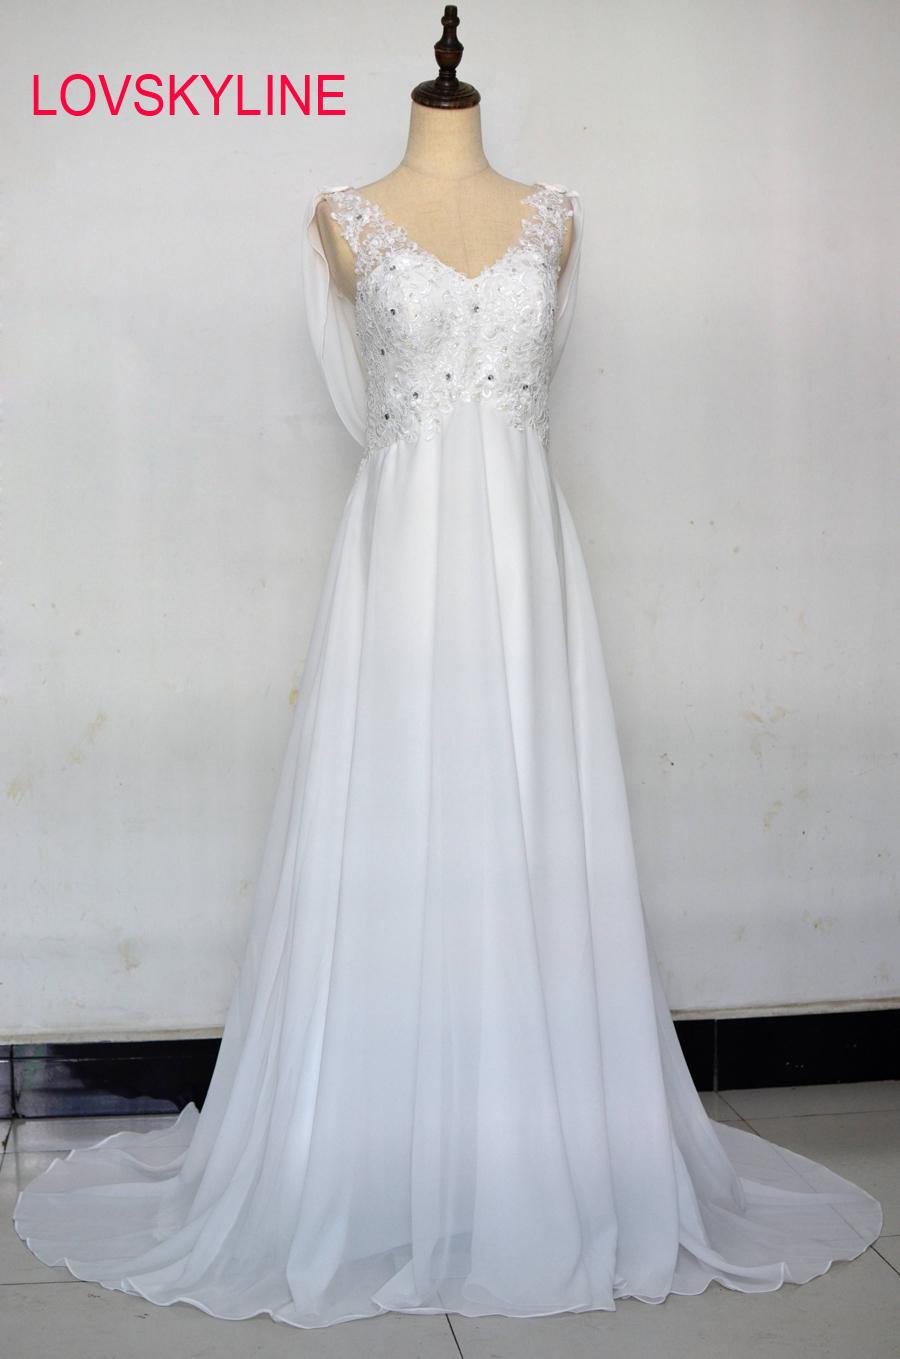 [해외]Vestido de Noiva A-Line 싸구려 웨딩 드레스 2018 레이스 Appiques 스윕 기차 스카프 로브 드 Mariage  신부 가운 제거/Vestido de Noiva A-Line Cheap Wedding Dress 2018 Lace Appliq